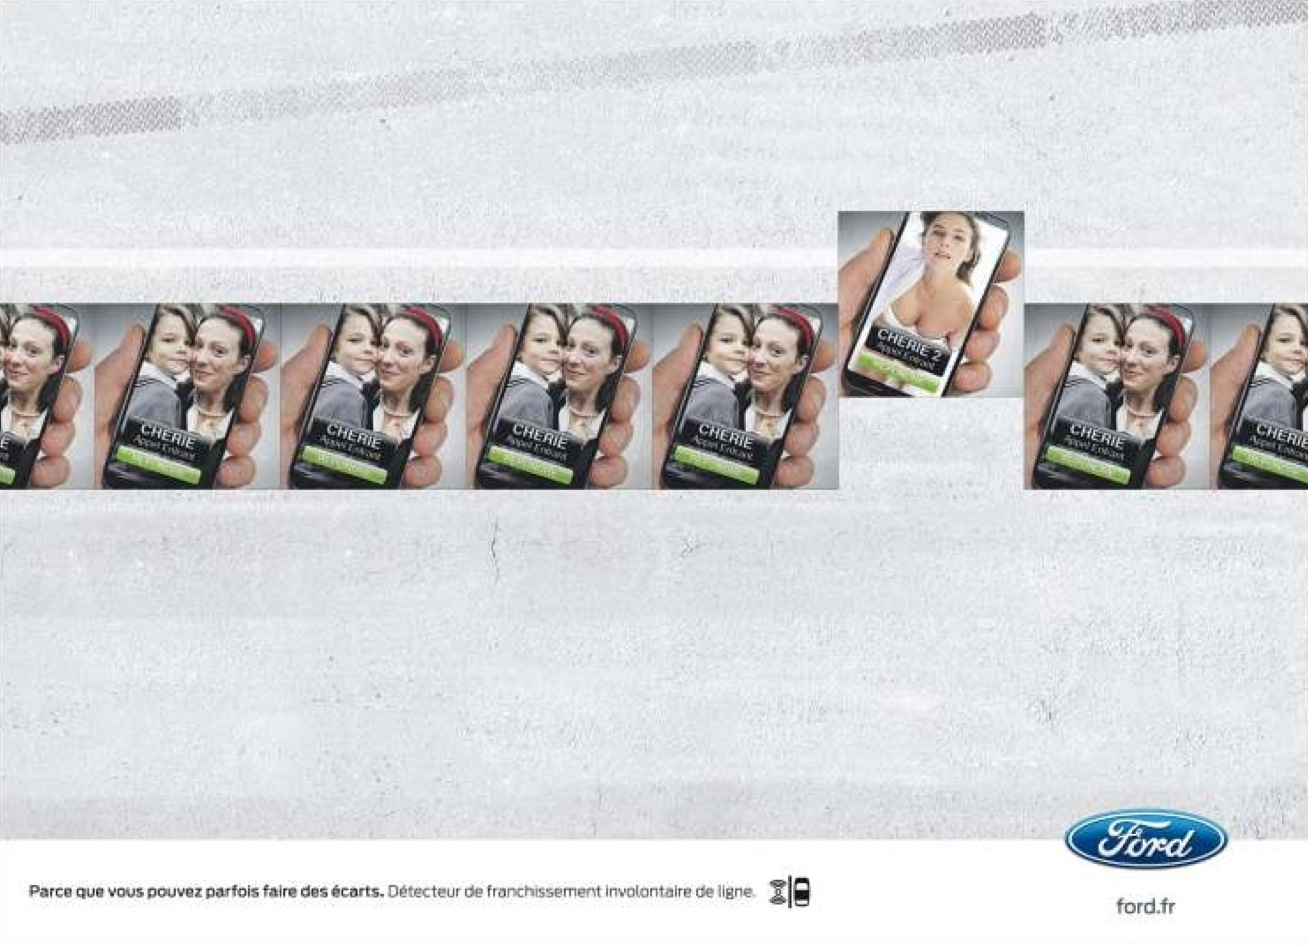 llllitl-ford-ogilvy-mather-publicité-print-détecteur-franchissement-de-ligne-avril-2012